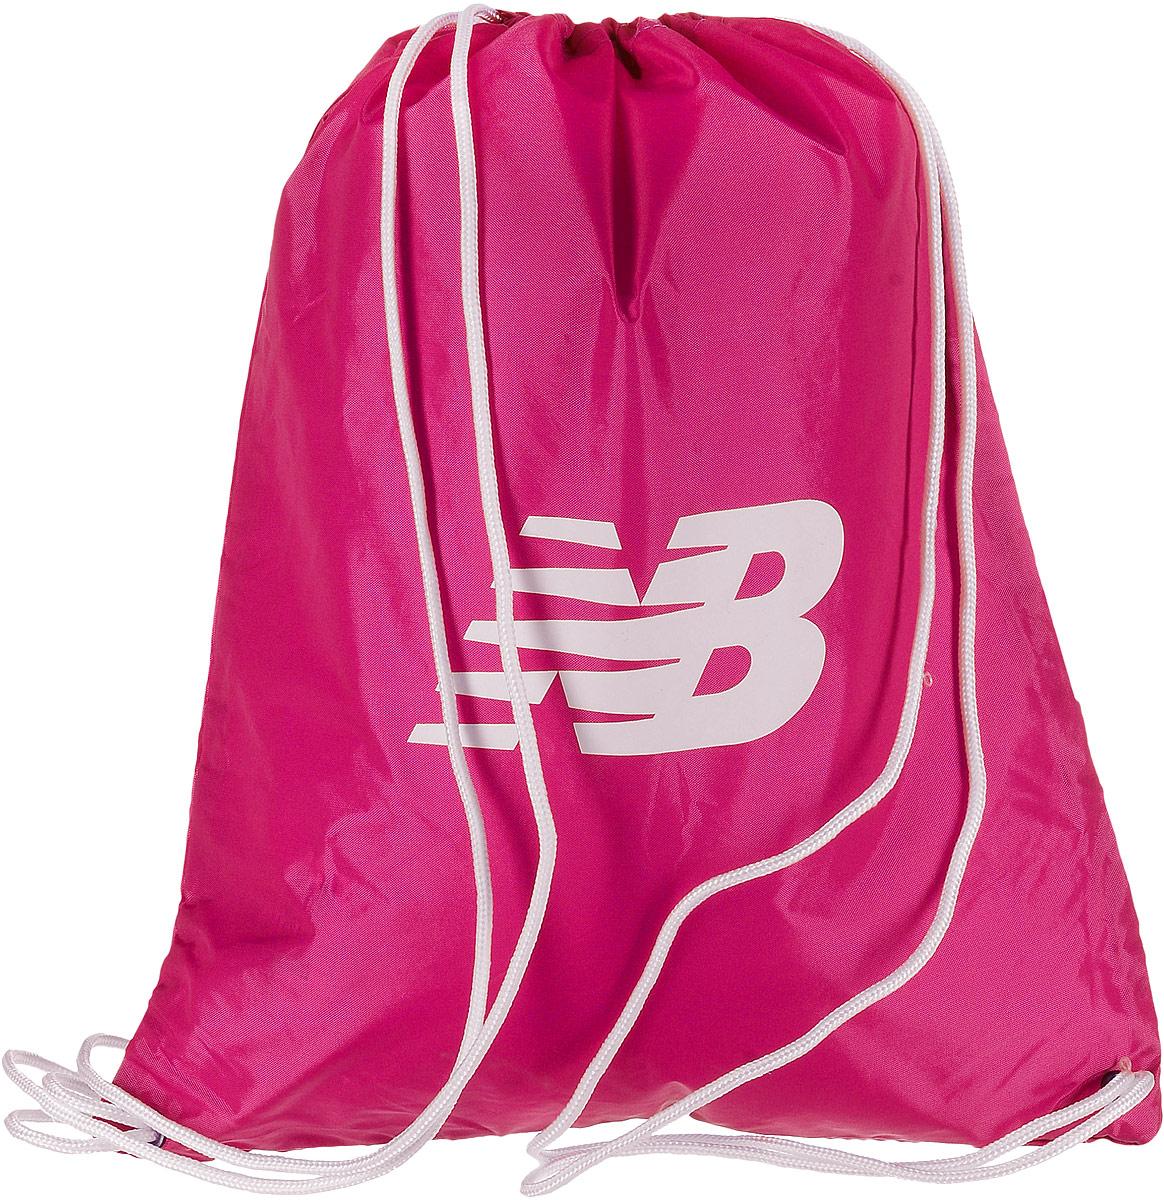 Рюкзак New Balance Cinch Sack, цвет: фуксия. 500006/PN500006/PNСтильный спортивный рюкзак New Balance Cinch Sack выполнен из нейлона и оформлен символикой бренда. Изделие имеет одно основное отделение, которое закрывается с помощью затягивающего шнурка. Веревочные завязки можно использовать как наплечные лямки. Стильный и функциональный рюкзак поместит все необходимое.